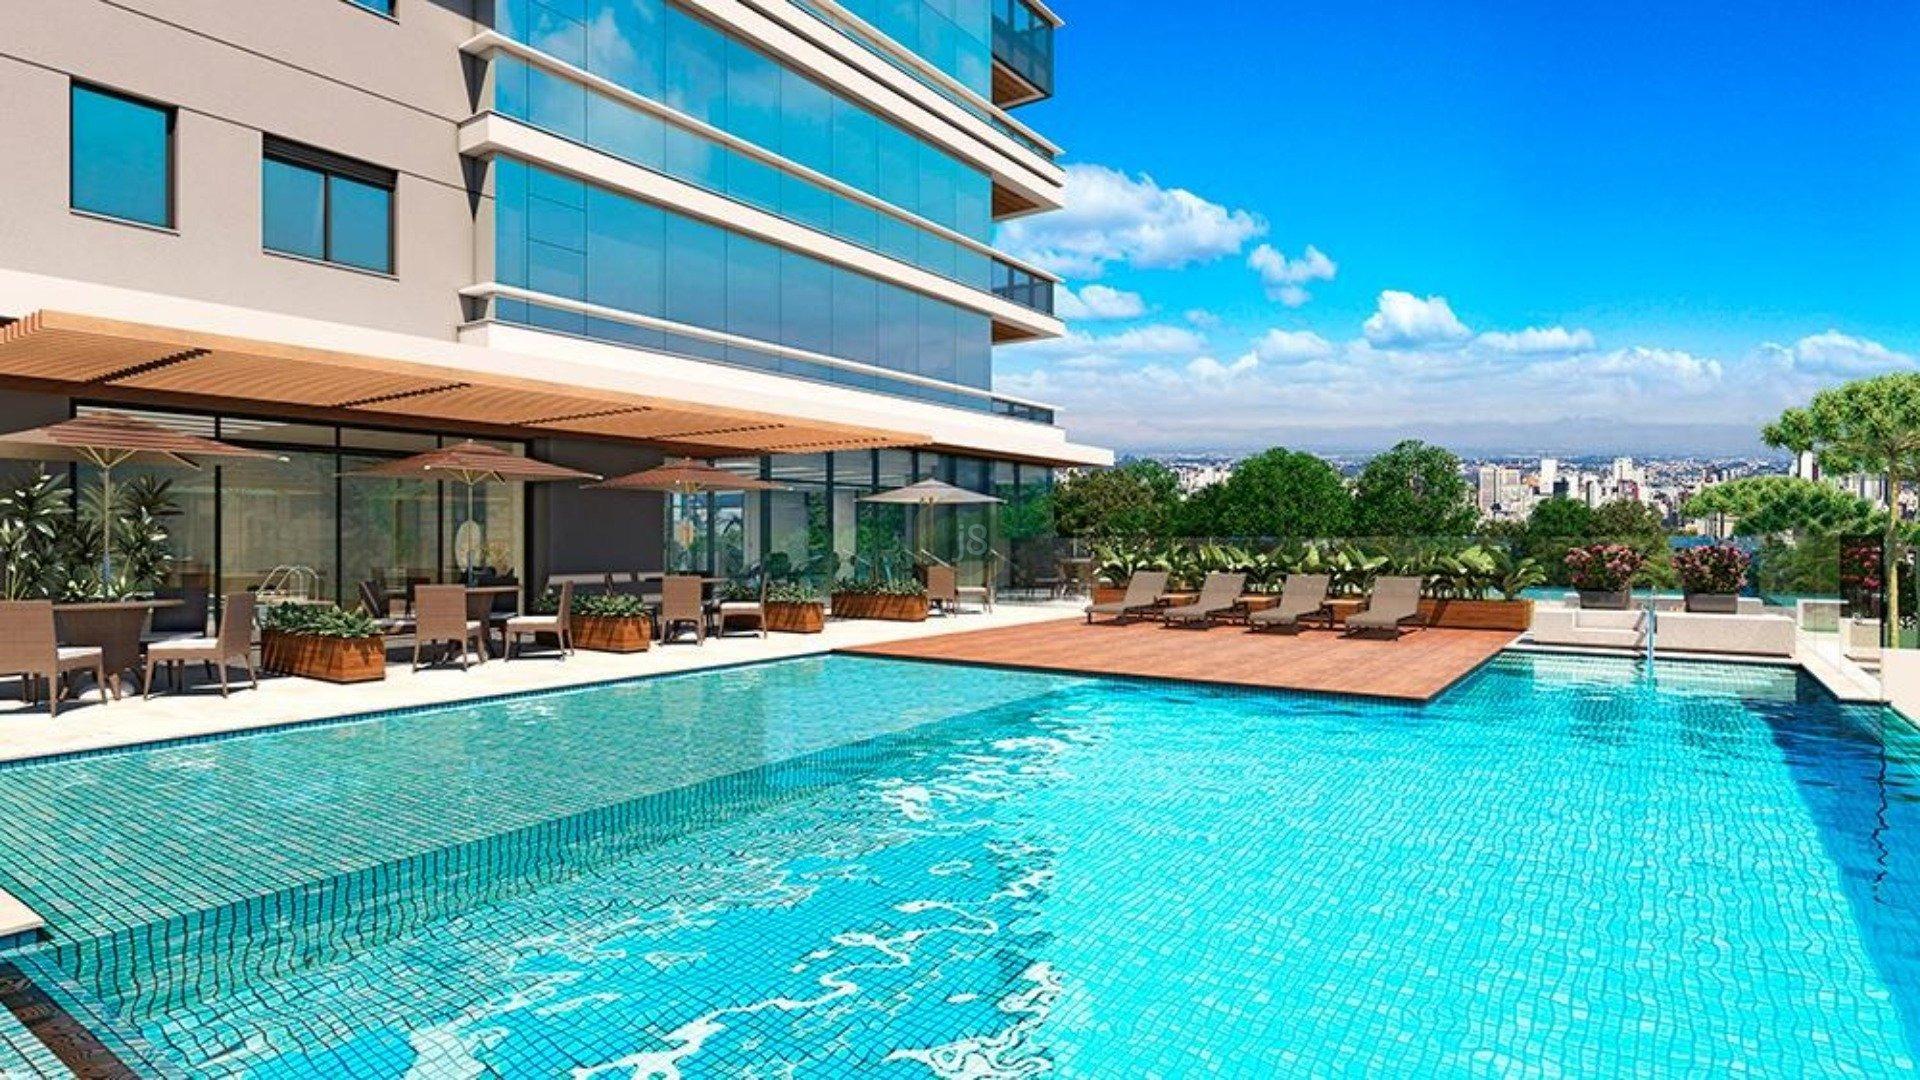 Foto de destaque Apartamento novo com 3 suítes no ecoville